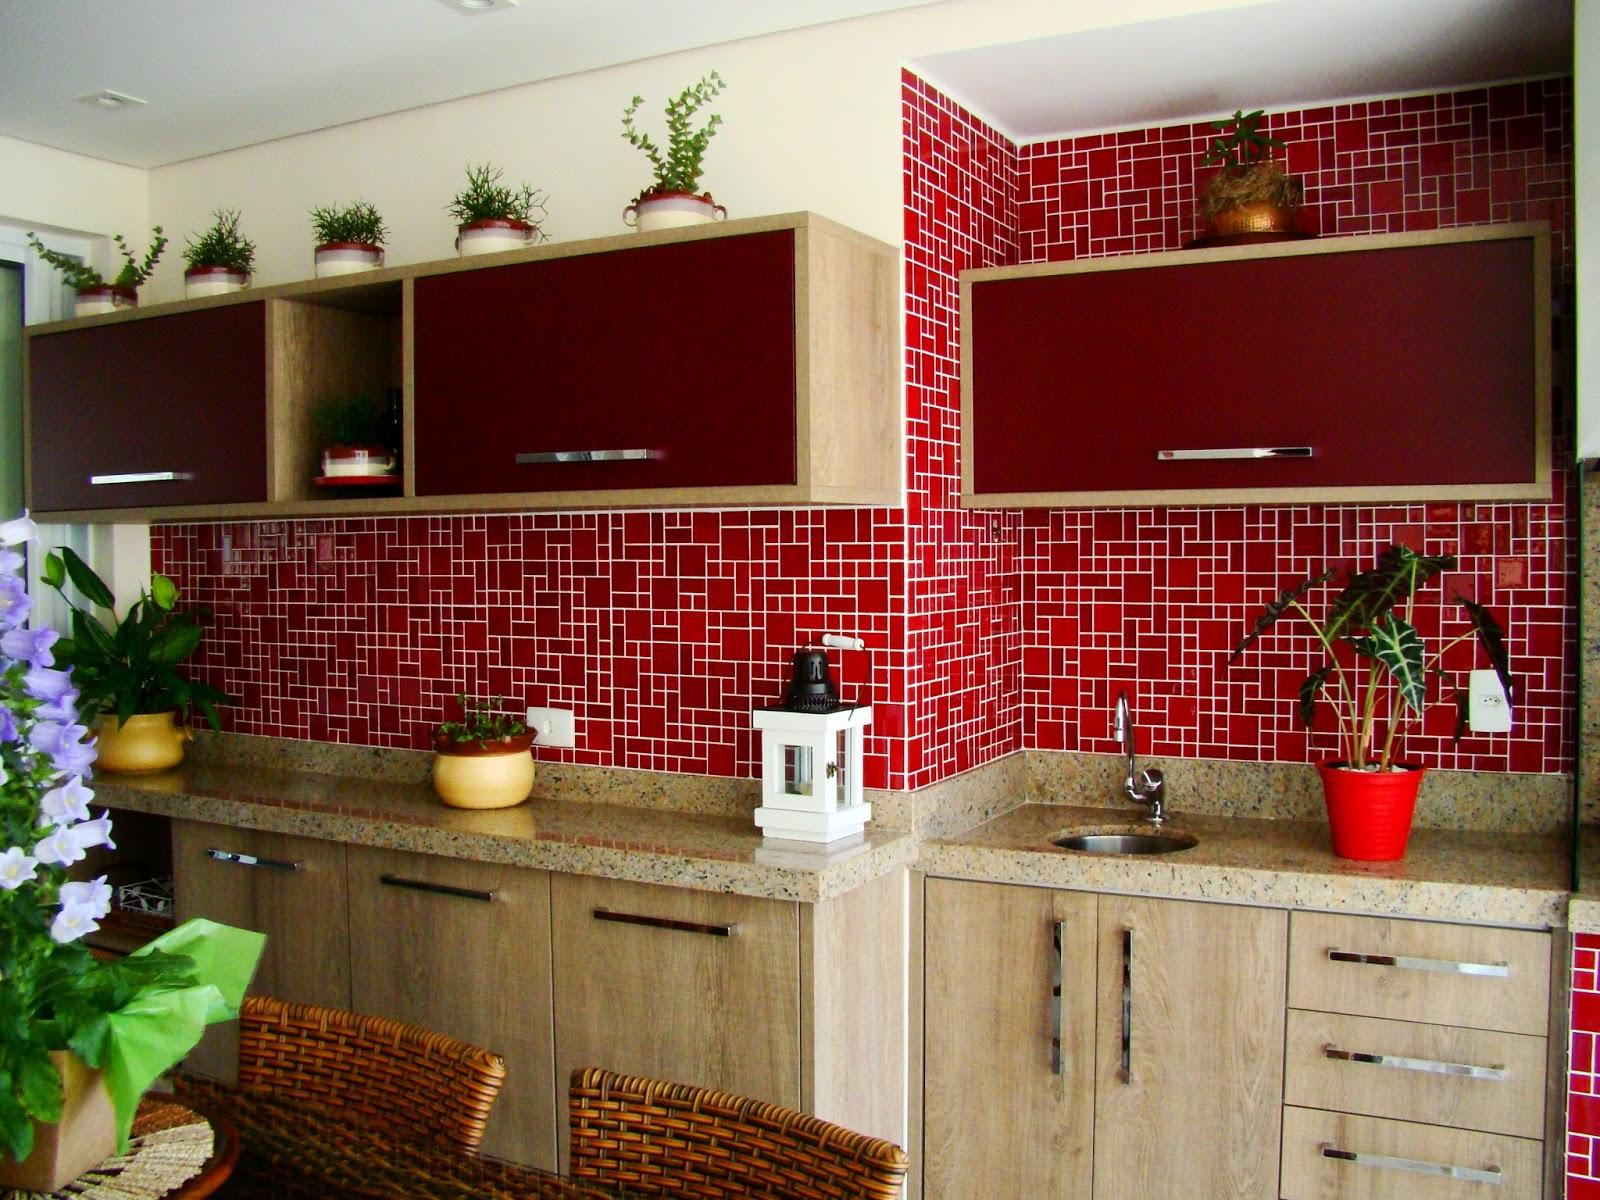 #AB2022 materiais enfim vale exercitar a sua criatividade pois a variedade de  1600x1200 px A Cozinha Mais Recente Projeta Fotos_836 Imagens